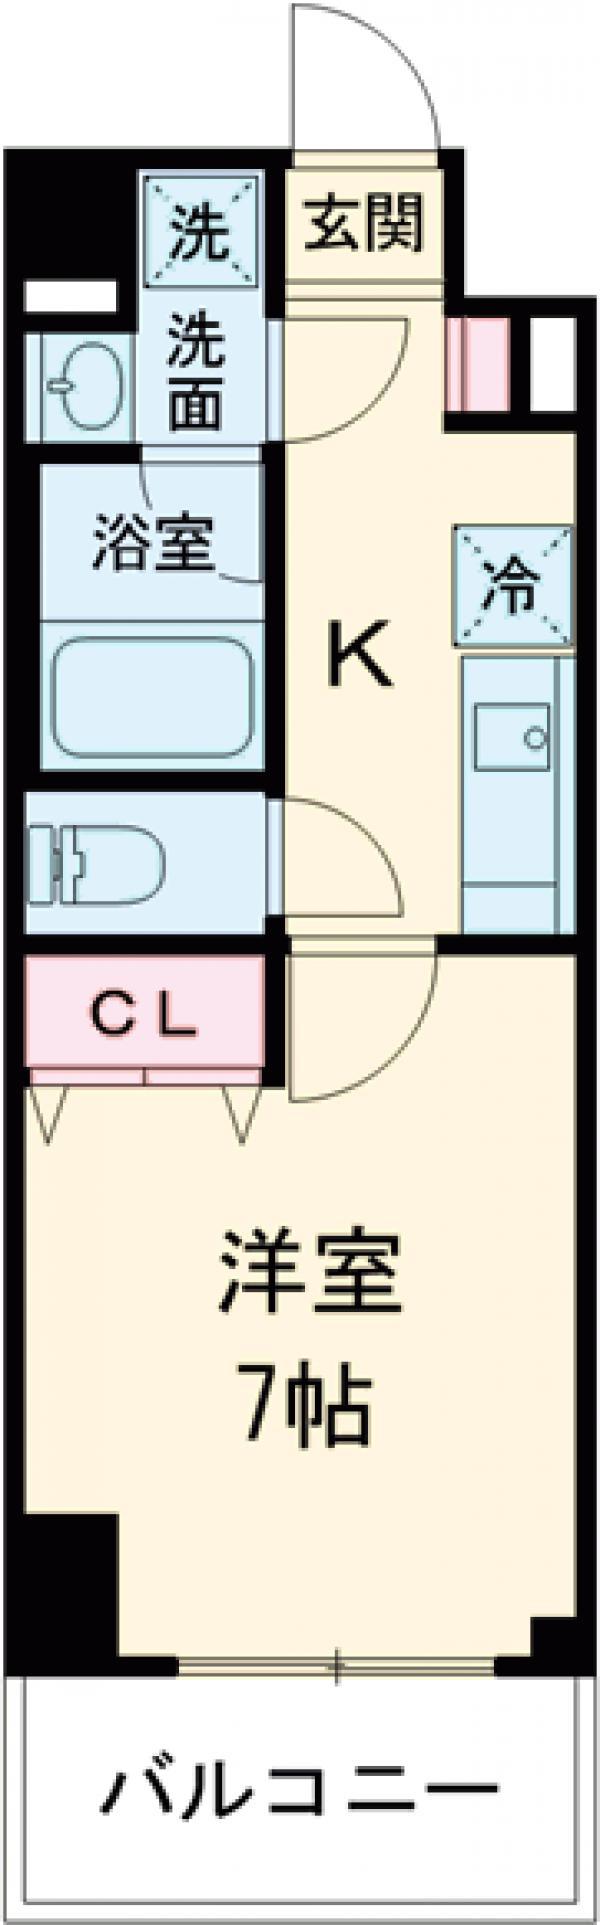 ロイジェント上野桜木・304号室の間取り